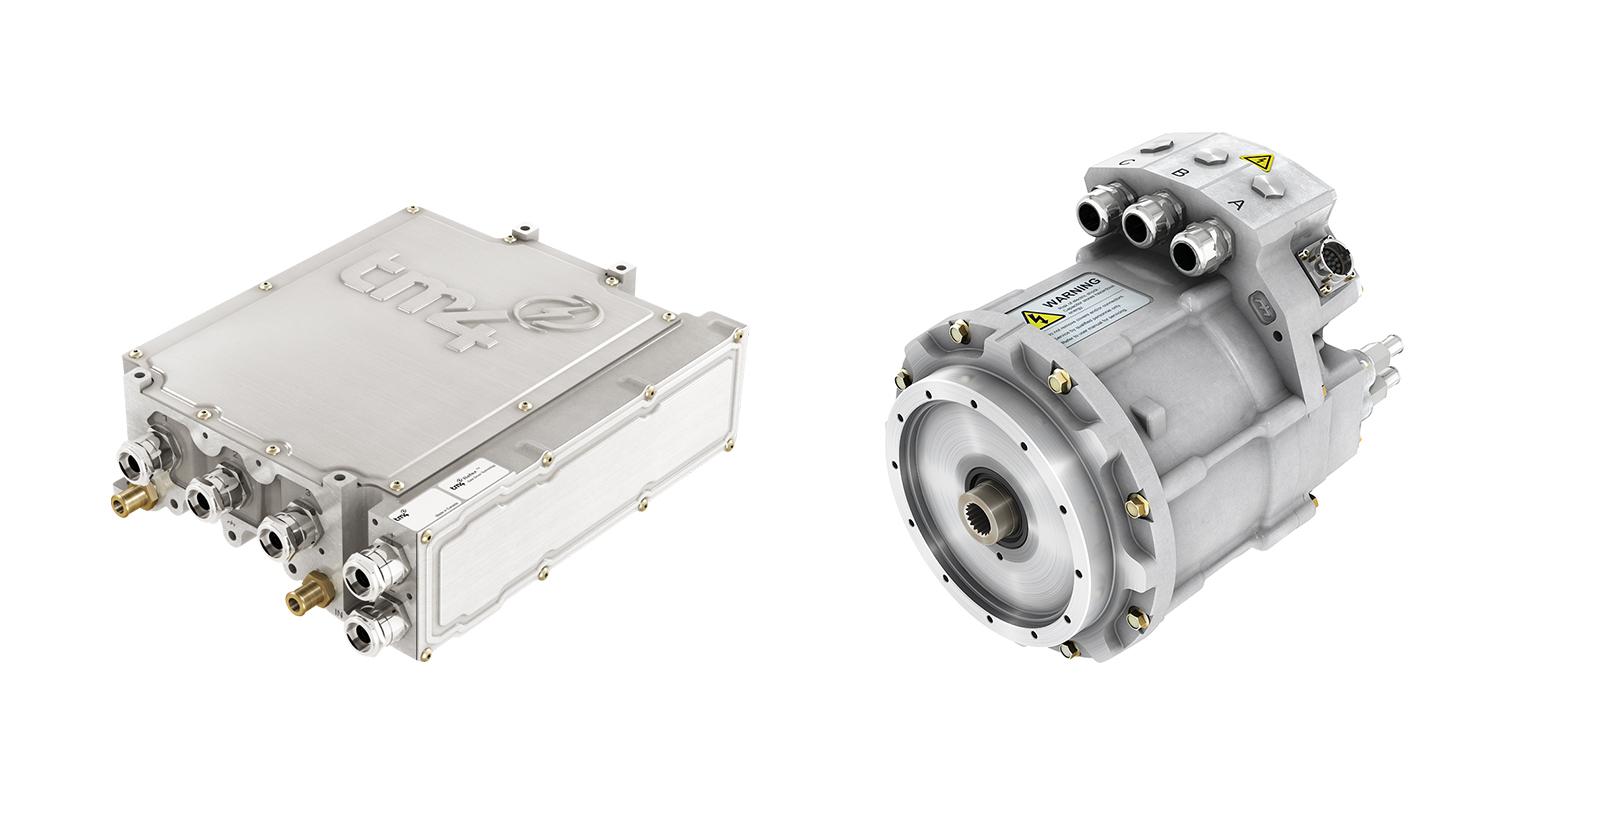 TM4 MOTIVE system - CO150 inverter and HSM20 motor